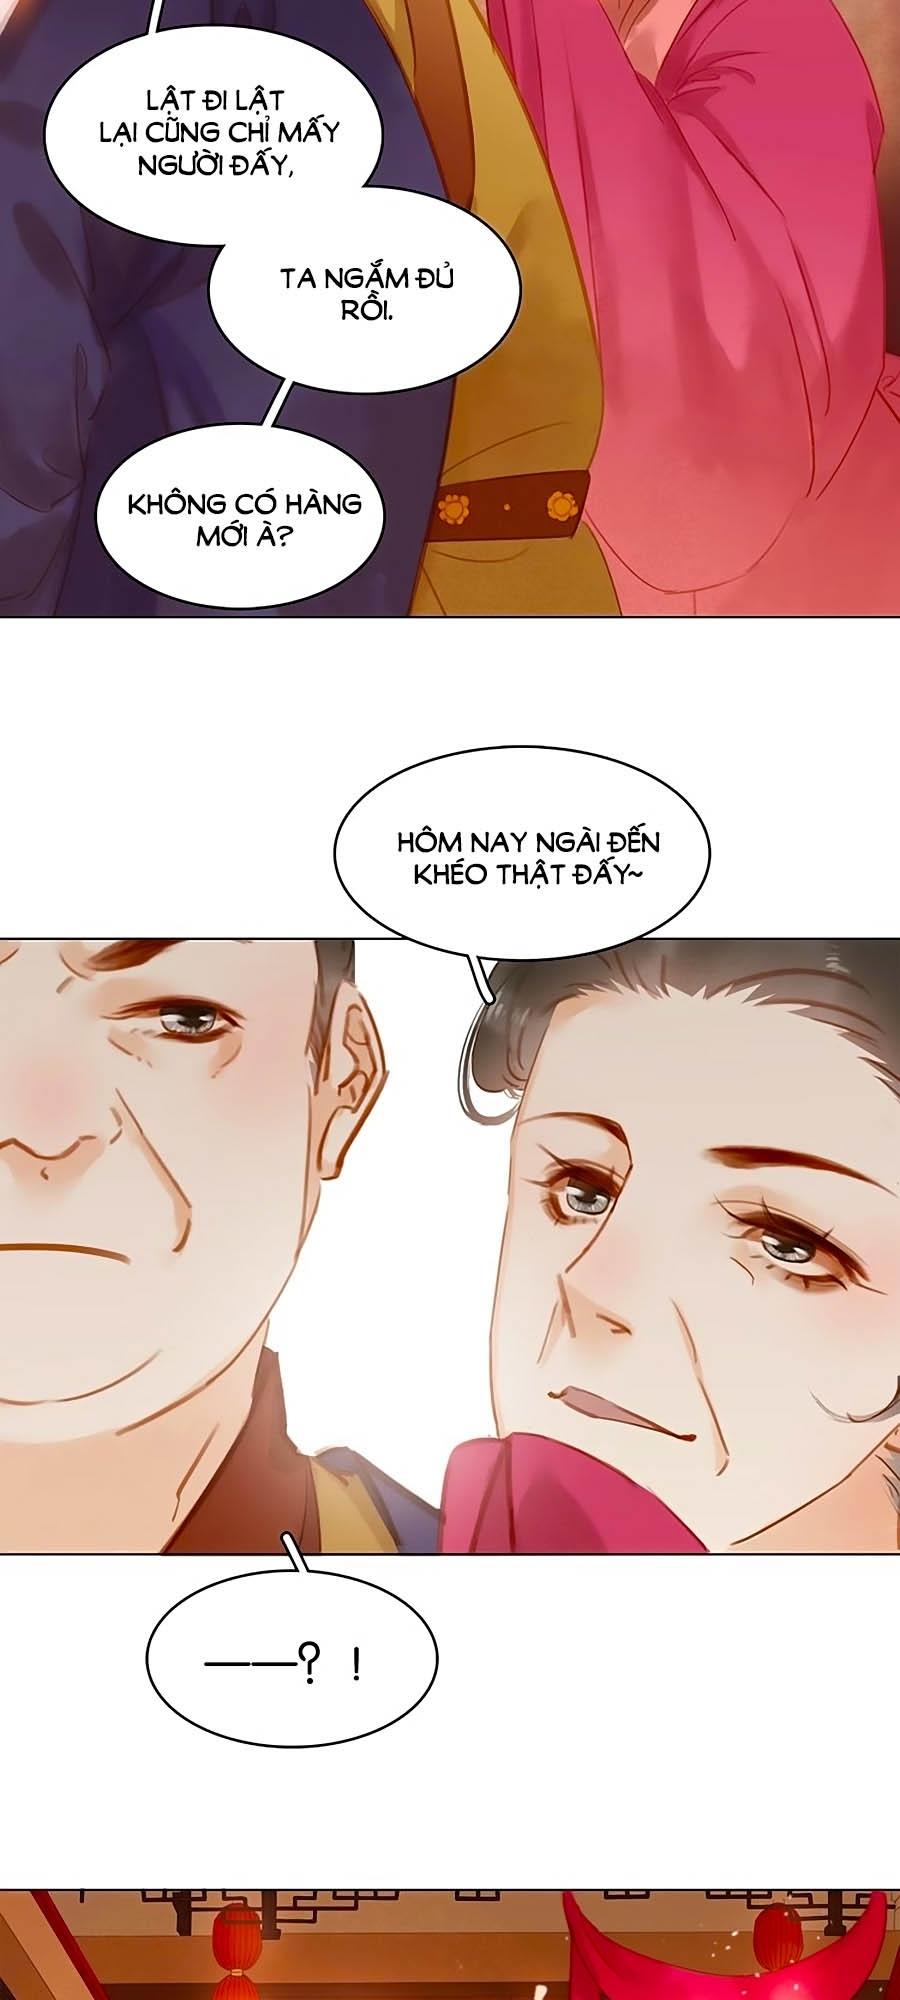 Tiểu sư phụ, tóc giả của ngài rơi rồi! chap 12 - Trang 7